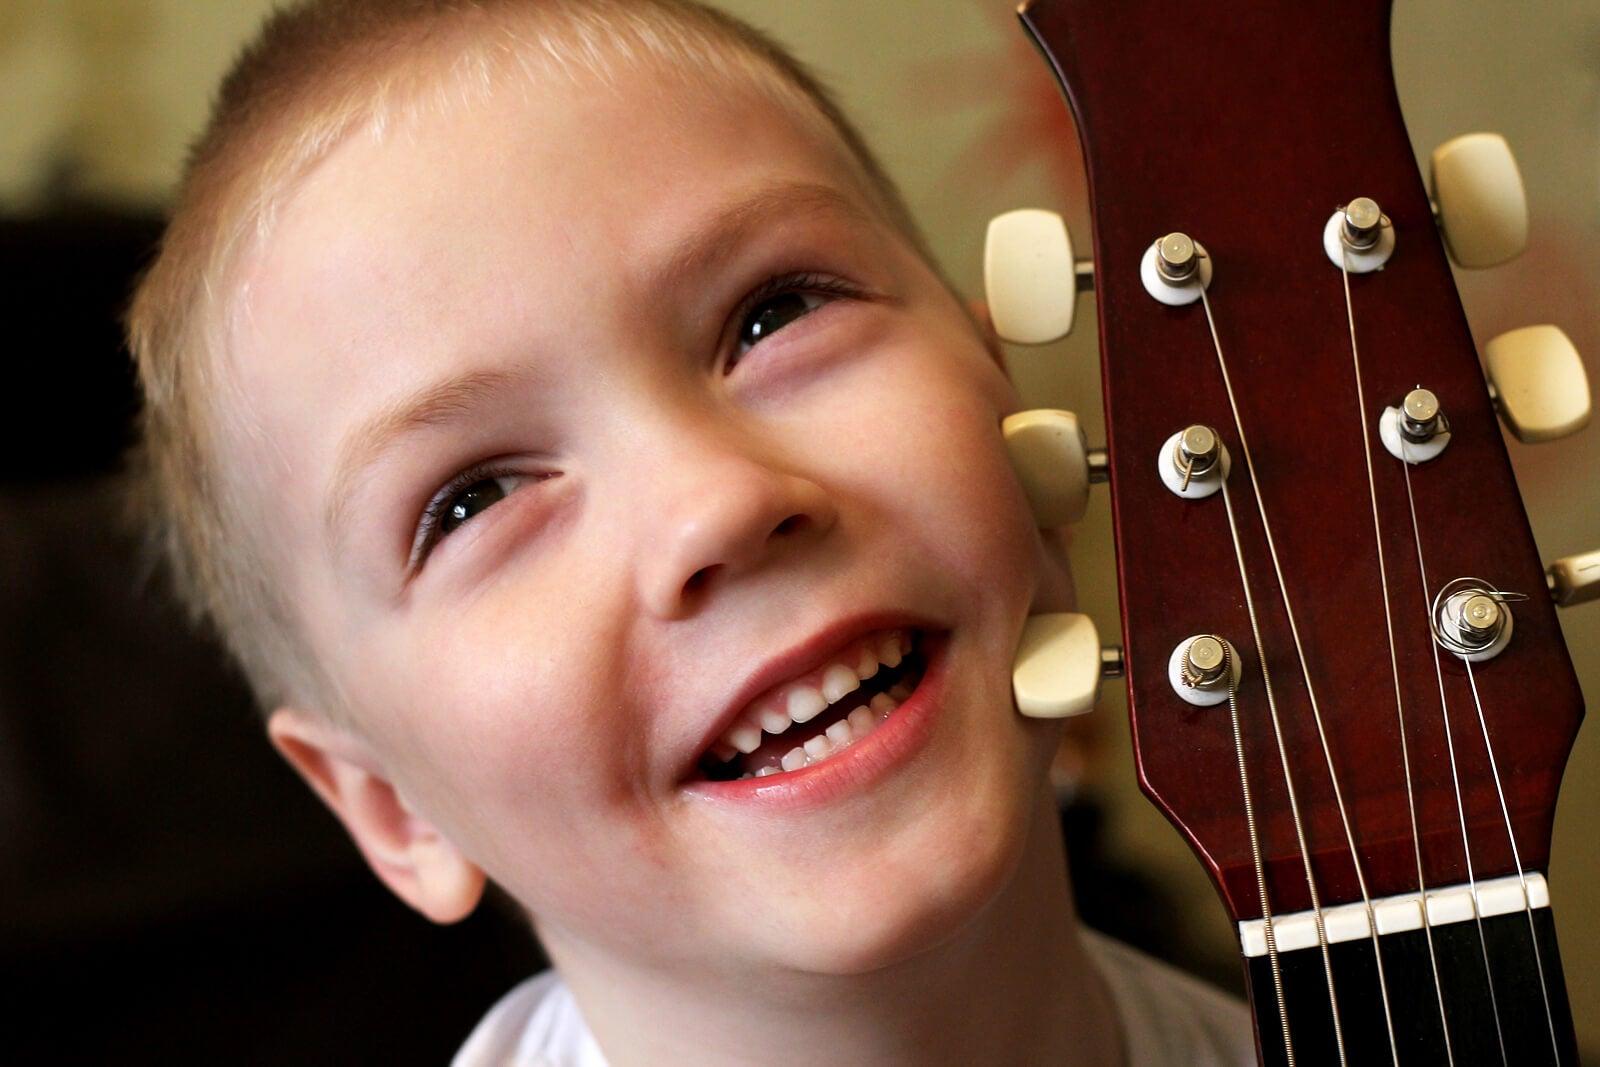 3 juegos de música fáciles para niños pequeños